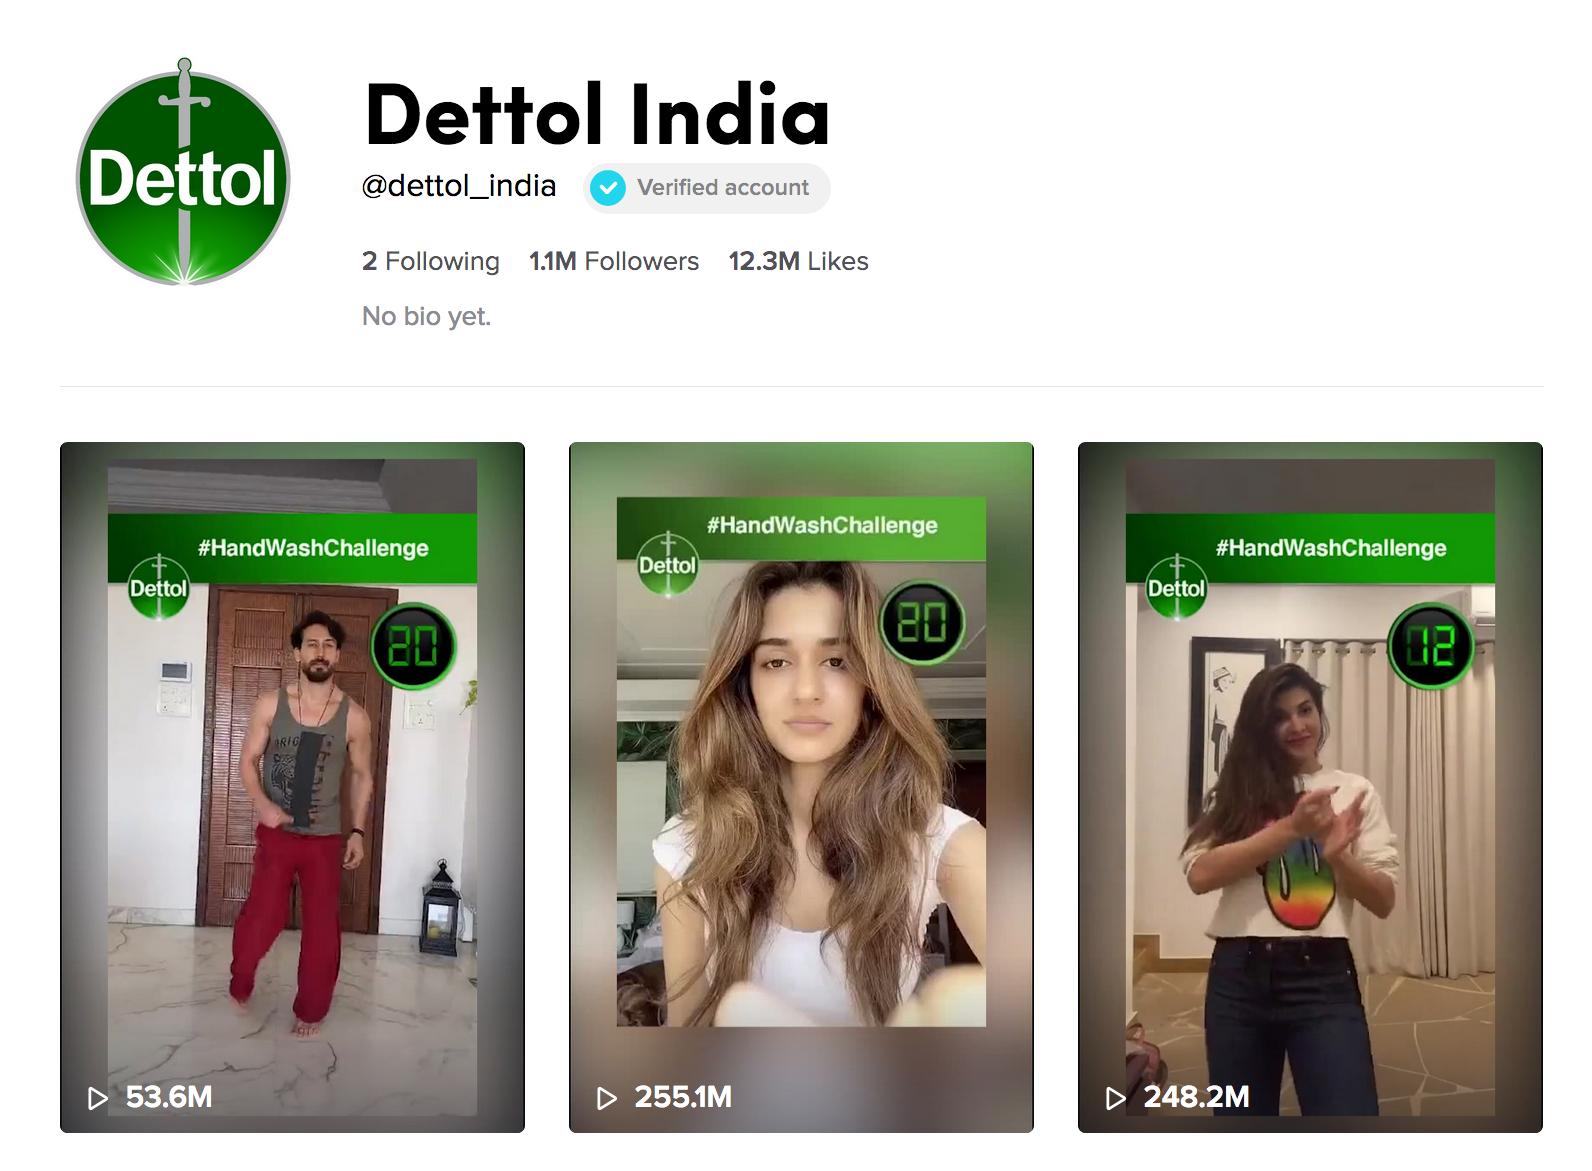 Dettol India's TikTok page featuring #HandWashChallenge